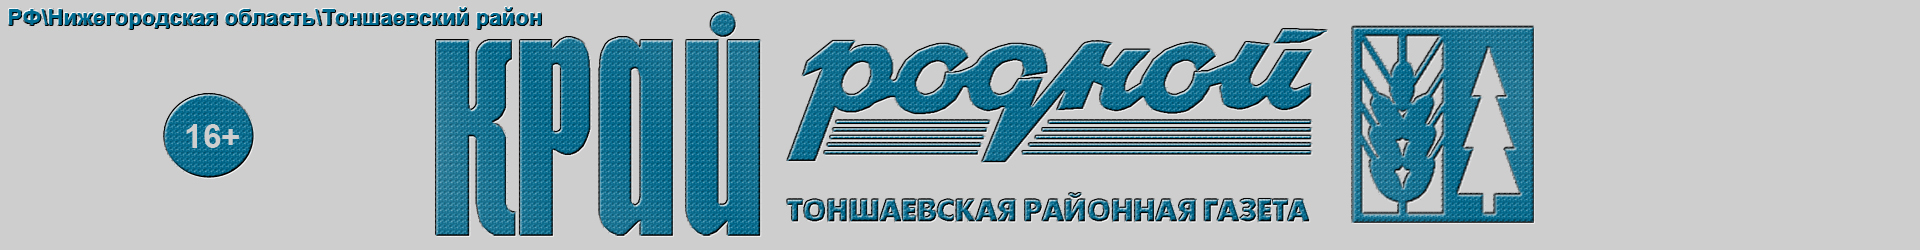 Болельщик нижегородского «Торпедо»